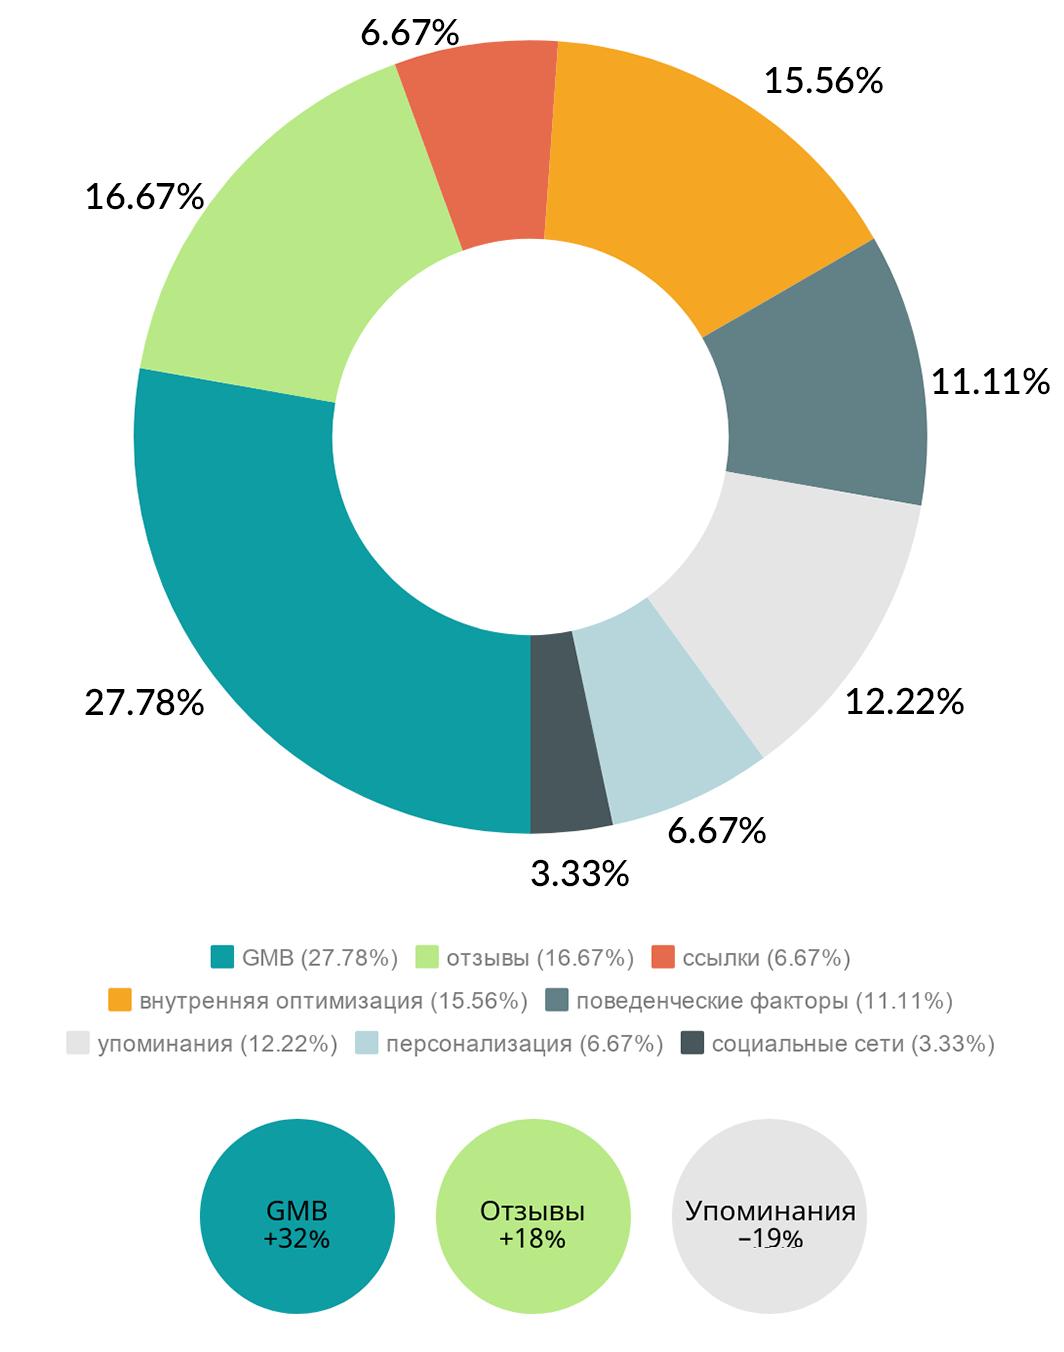 Как изменилось соотношение факторов ранжирования в локальном поиске за 2018 год